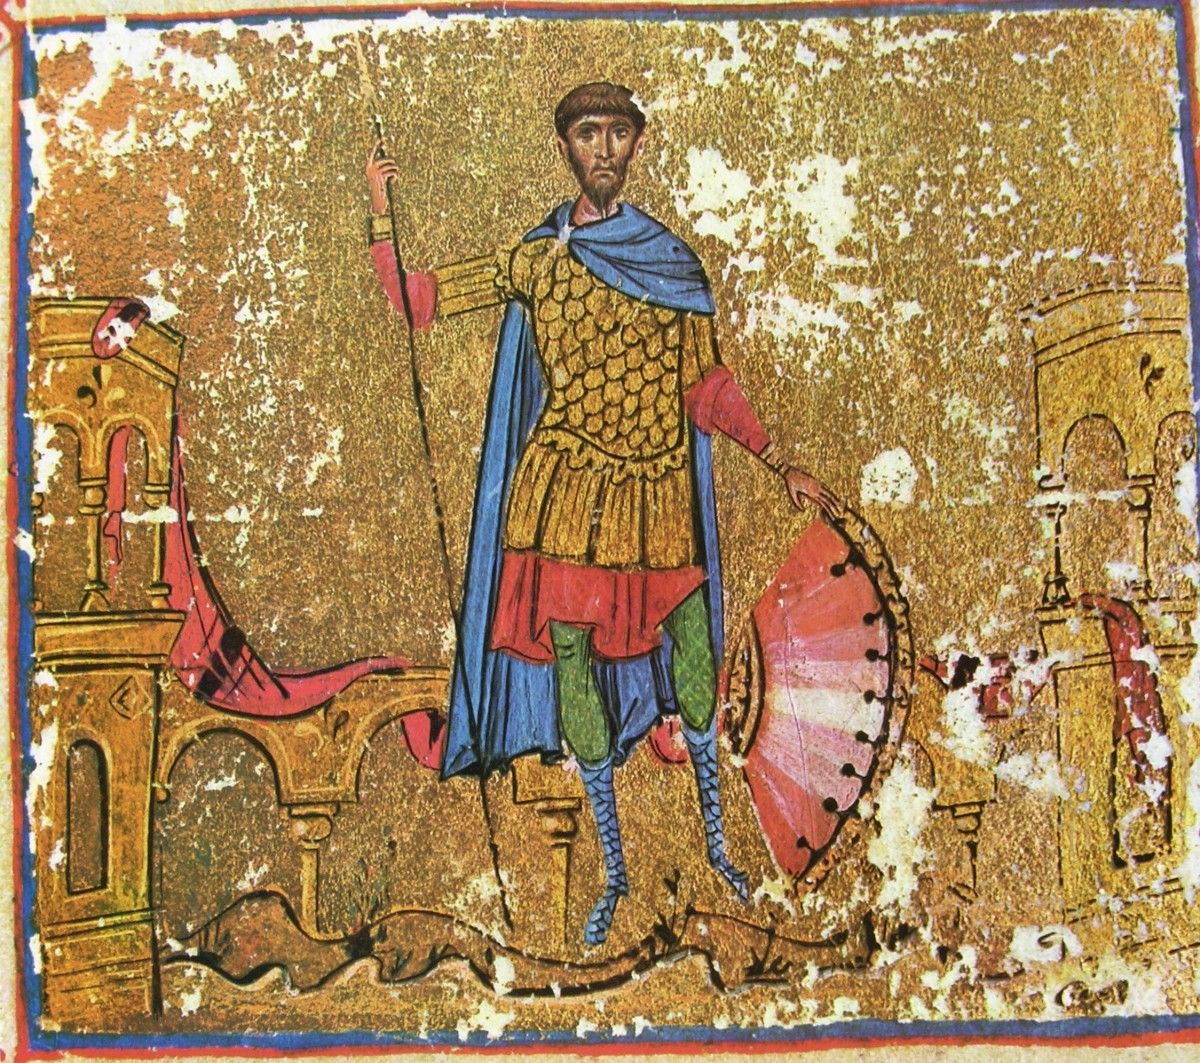 Великомученик Феодор Тирон. Монастырь Дионисиат. Афон XI век.